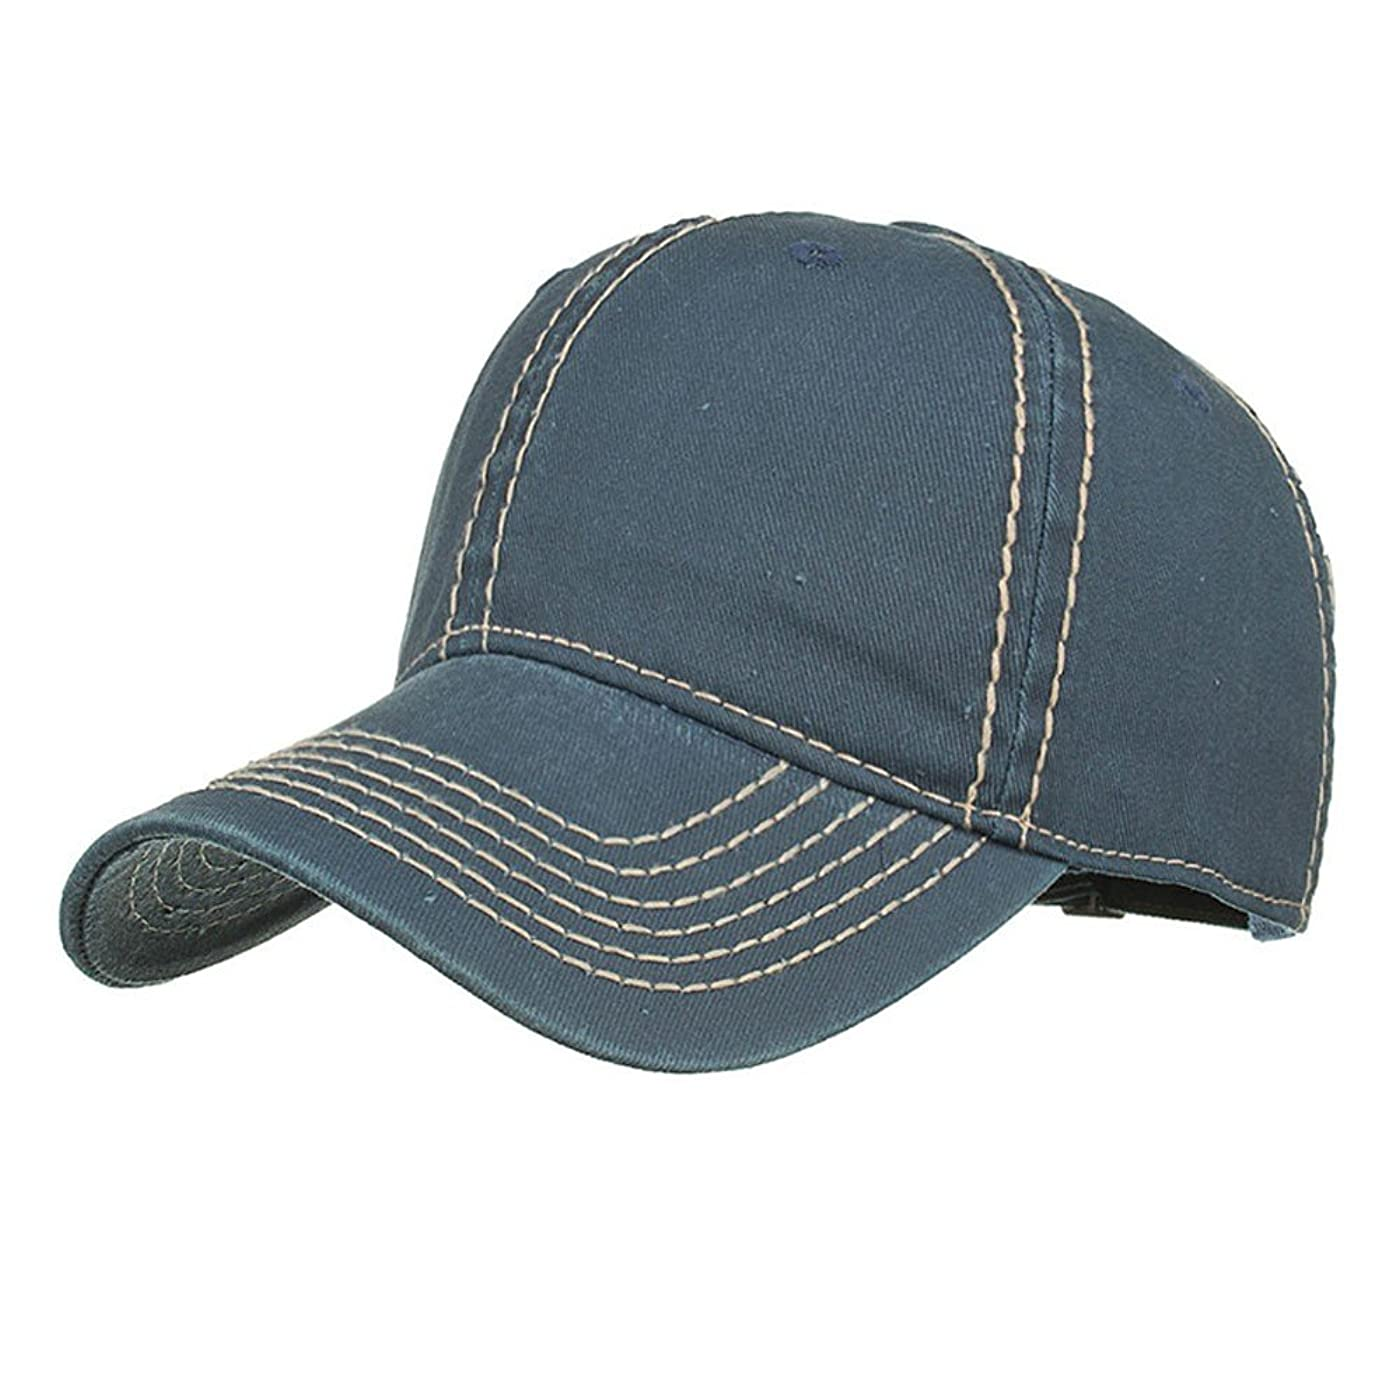 操作わかるお酒Racazing Cap 無地 野球帽 キャップ 夏 登山 通気性のある 帽子 ベルクロ 可調整可能 刺繍 棒球帽 UV 帽子 軽量 屋外 Unisex Hat (C)